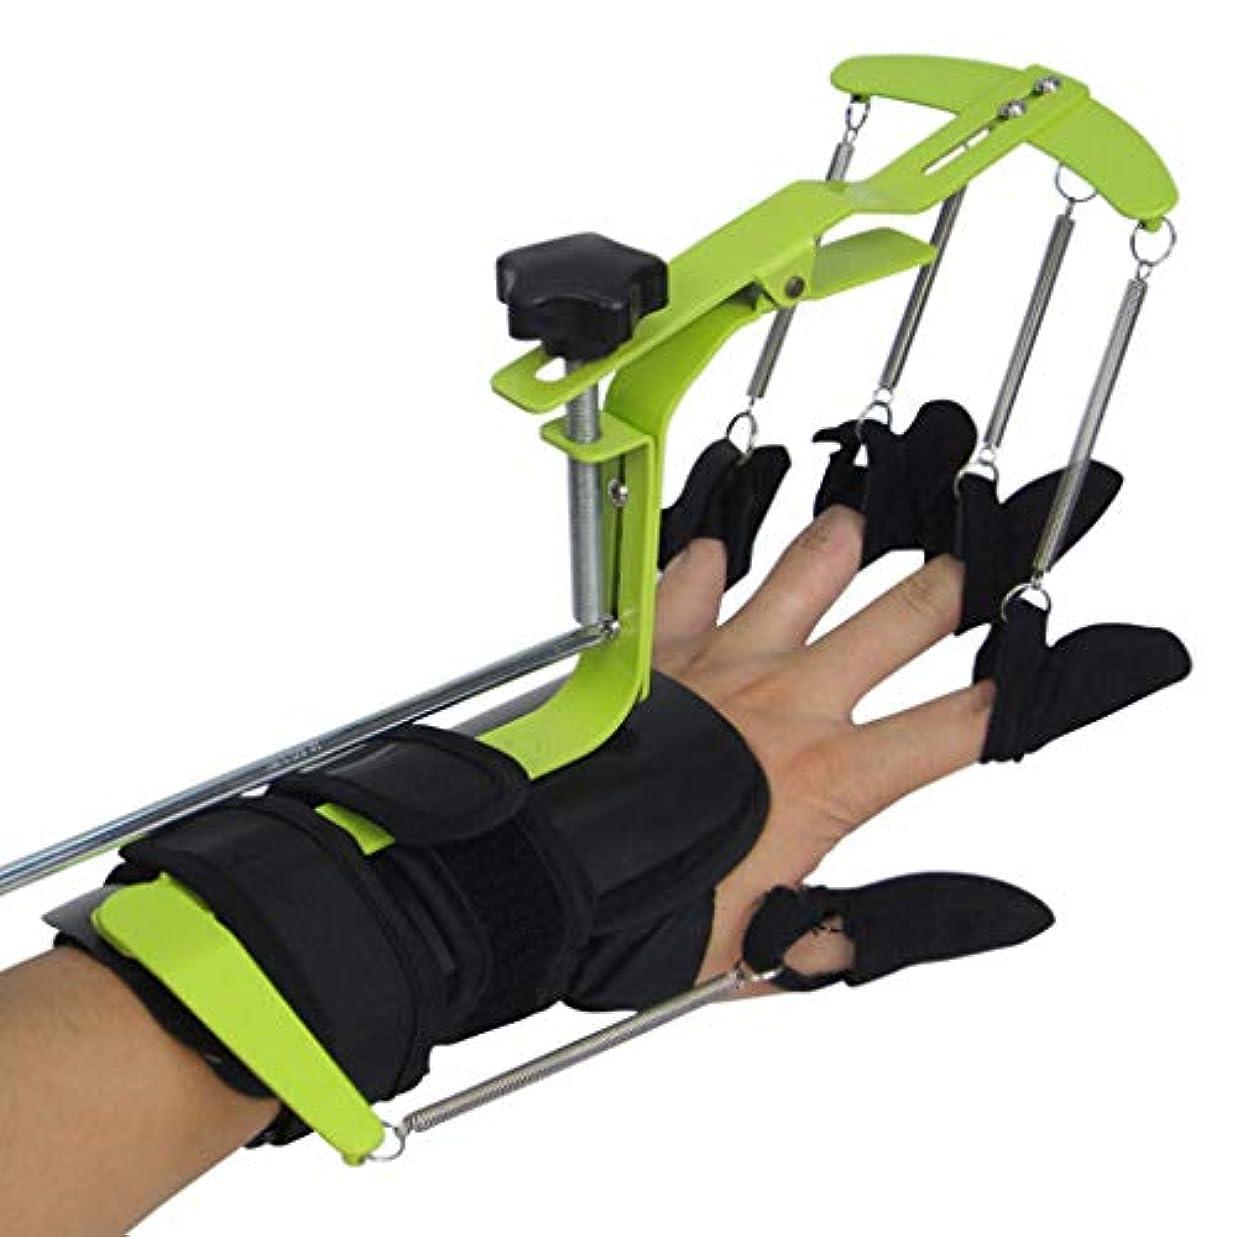 まとめる不快後継指トレーナー - 調節可能な腱修復装具、脳卒中、片麻痺患者のための多機能ハンド理学療法リハビリ機器